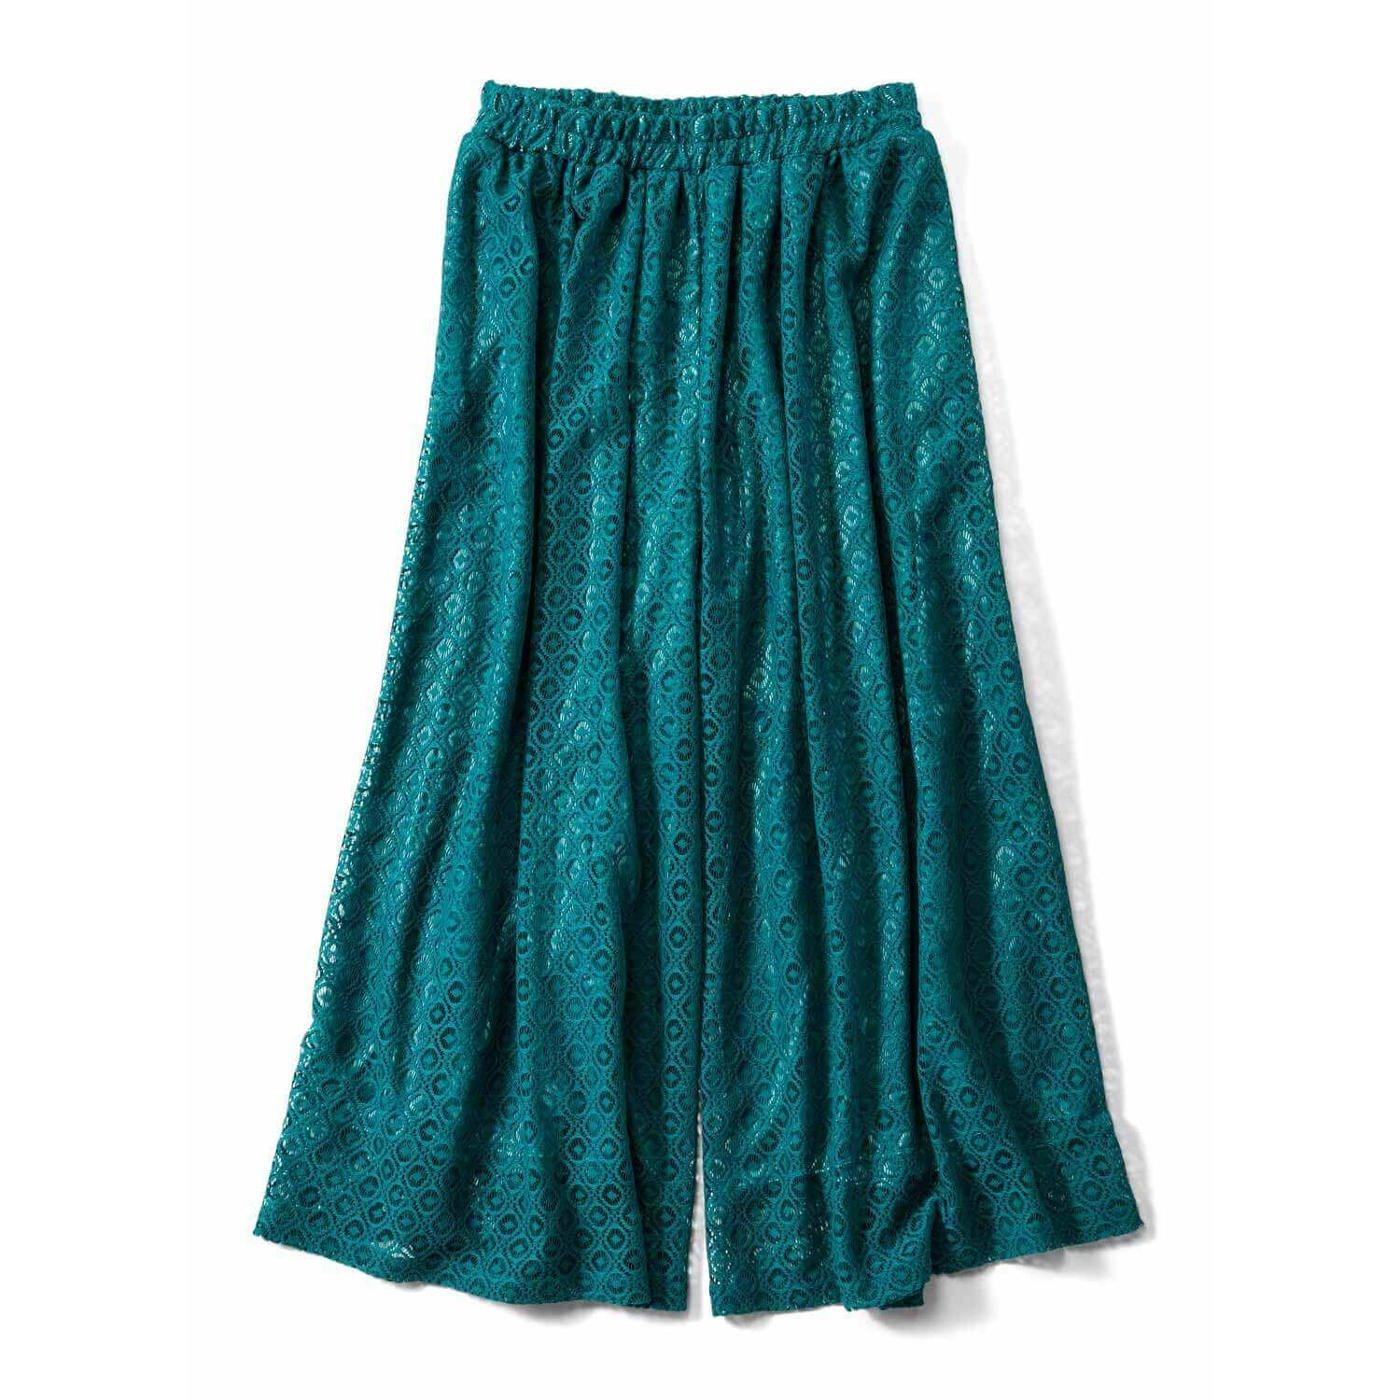 リブ イン コンフォート ひらりと軽やか ストレッチレースのスカート見えロングキュロット〈ピーコックグリーン〉